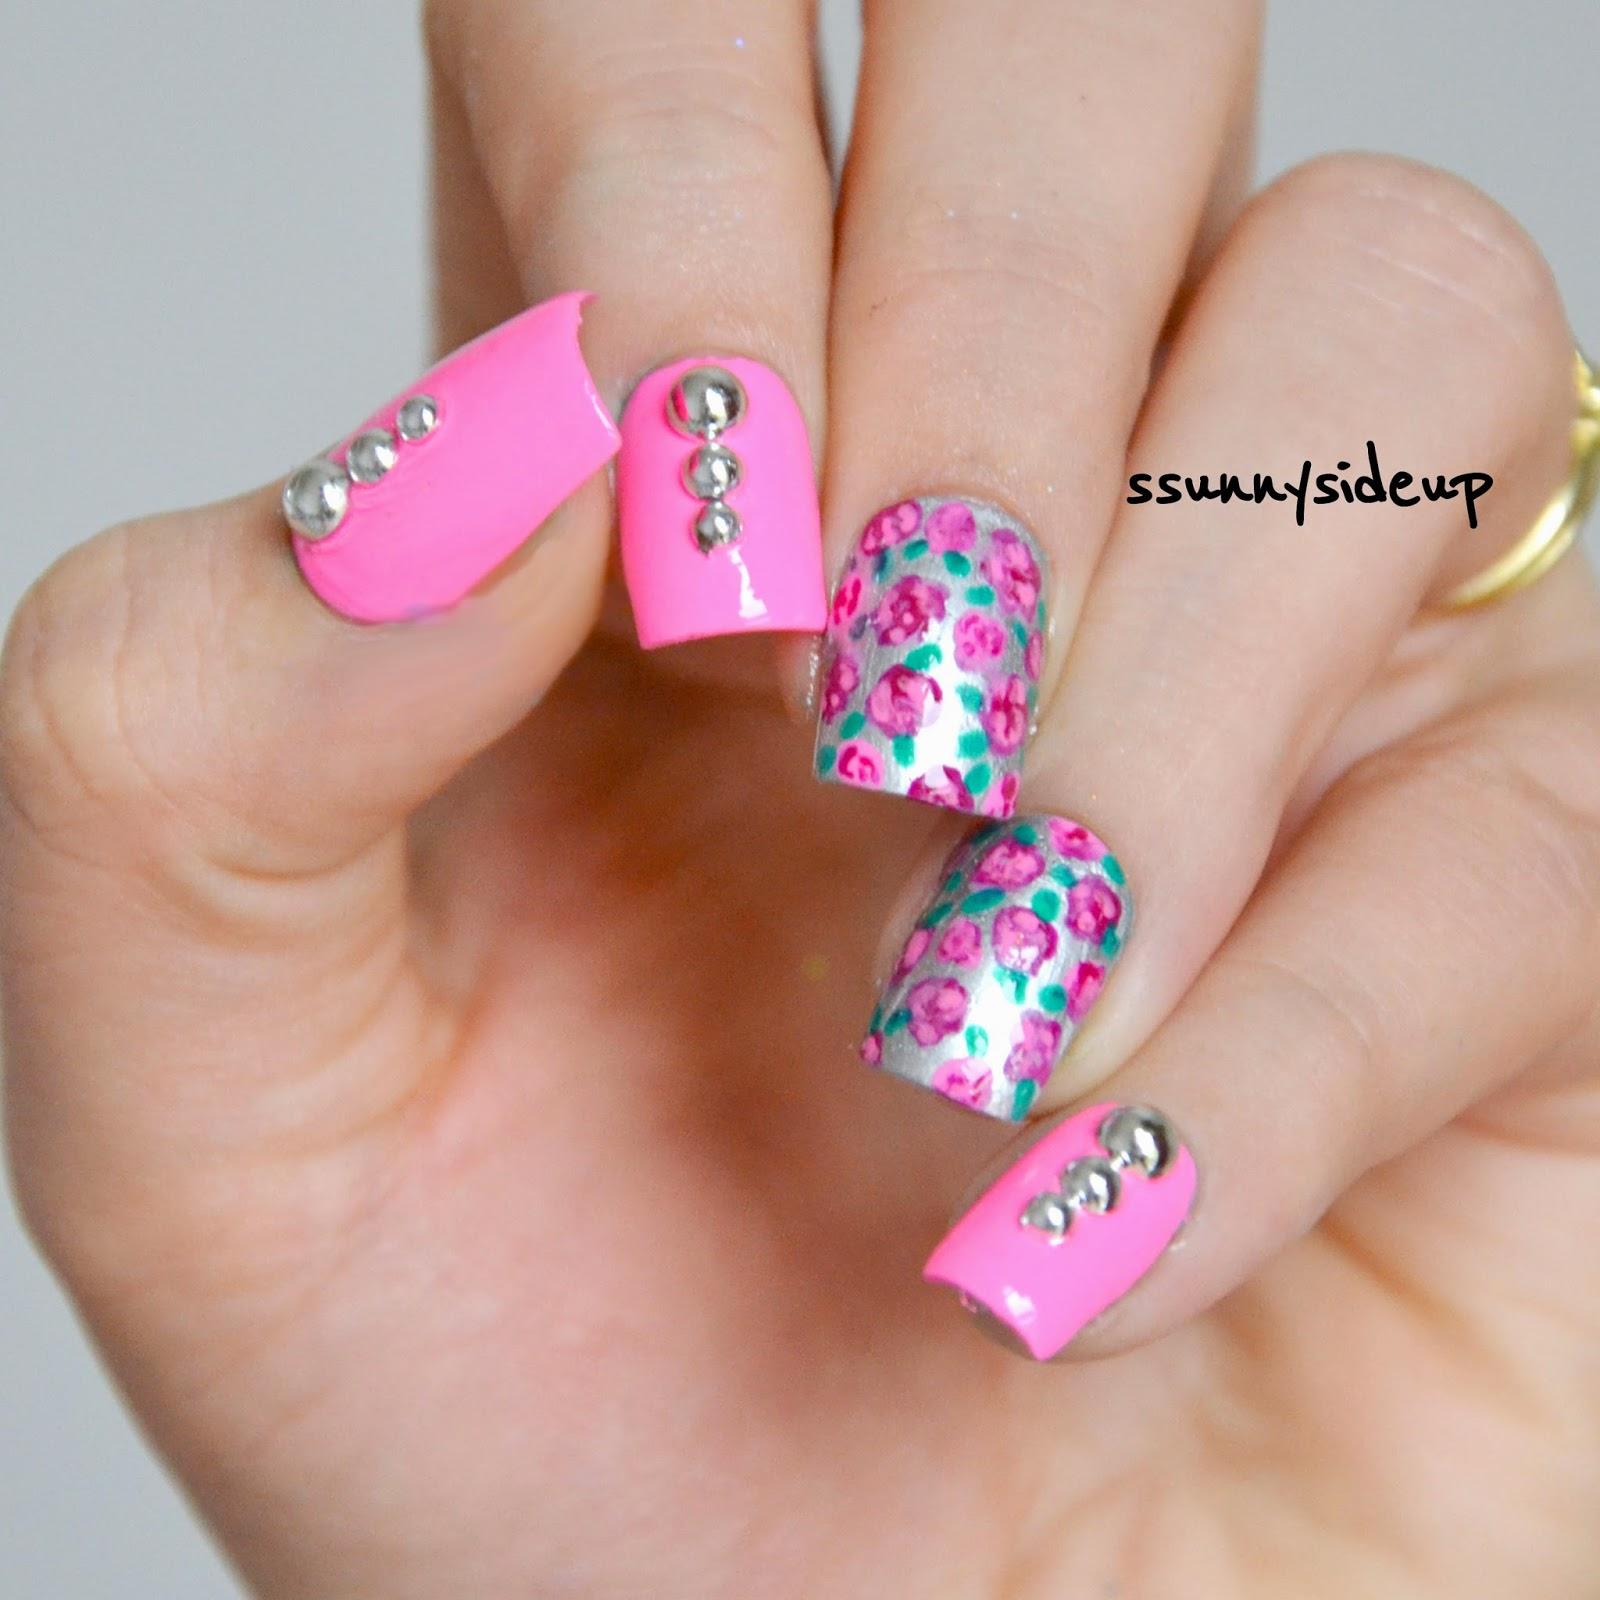 Ssunnysideup Spring Awakening Pink Floral Nail Design With Studs